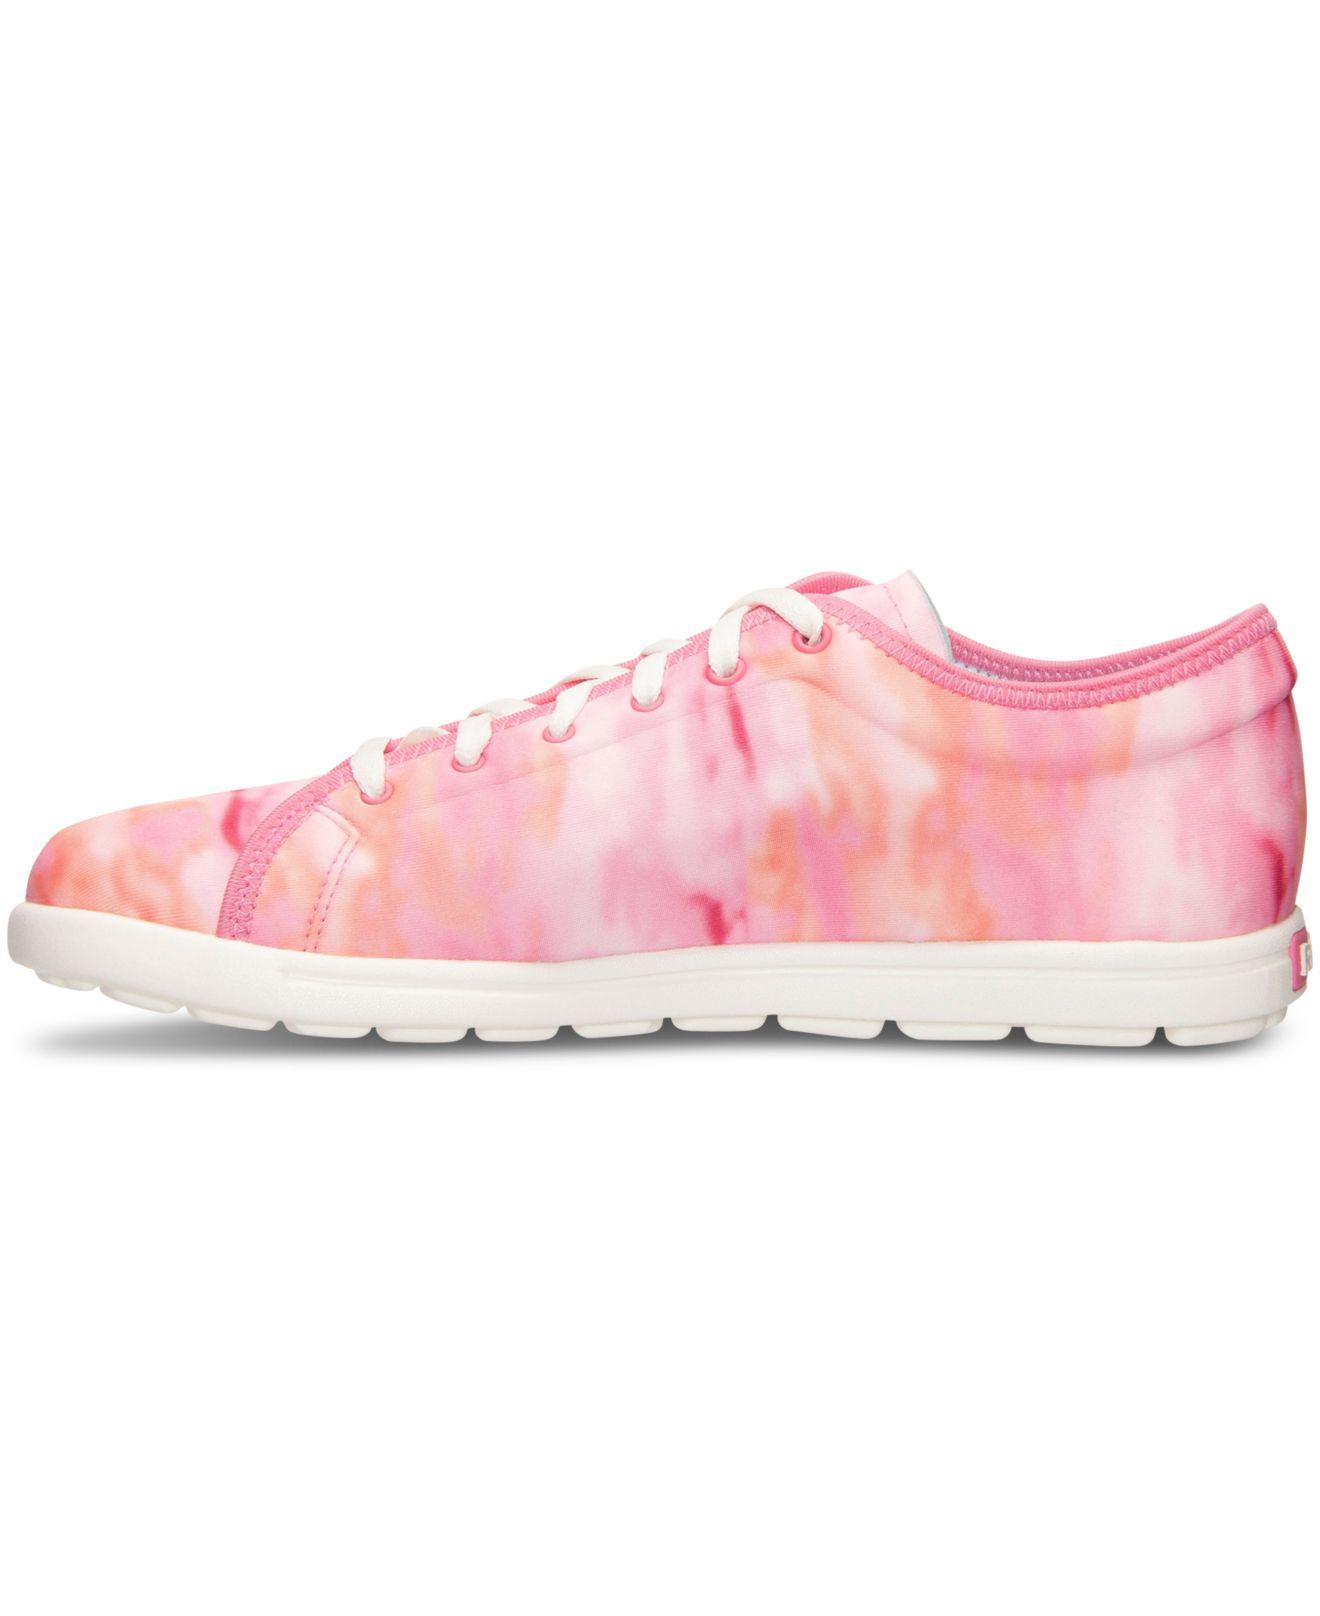 a82bf4dd6780 Lyst - Reebok Women s Skyscape Runaround 2.0 Walking Sneakers From ...